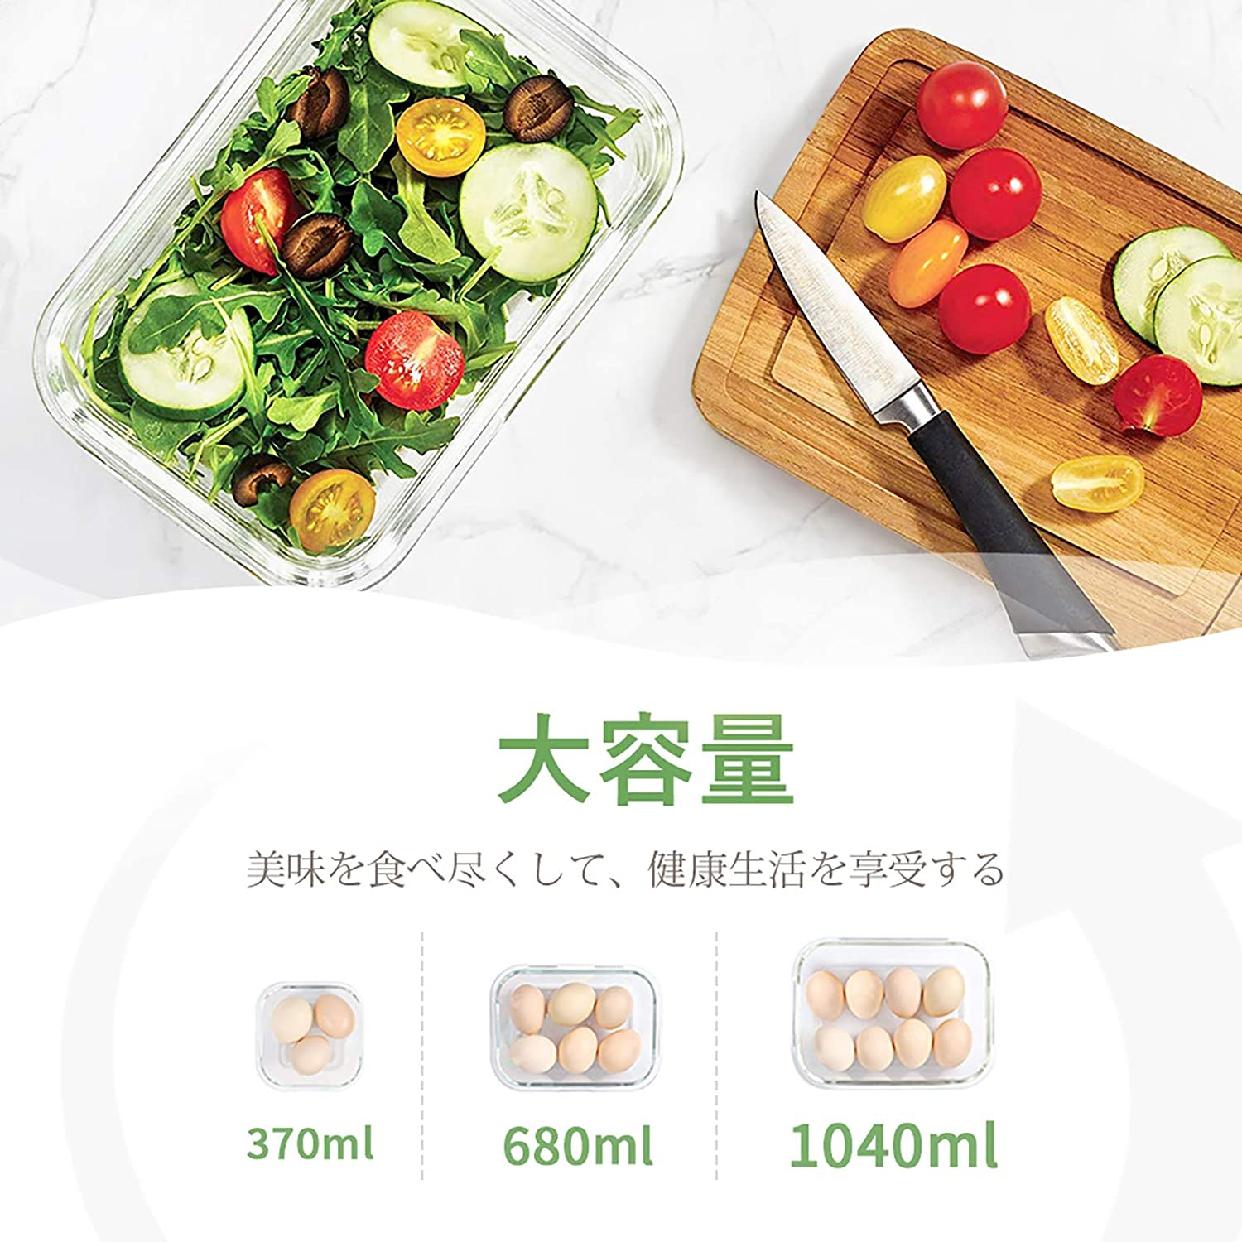 Kitsure(キッツシュア) 耐熱ガラス 保存容器 8点セットの商品画像5